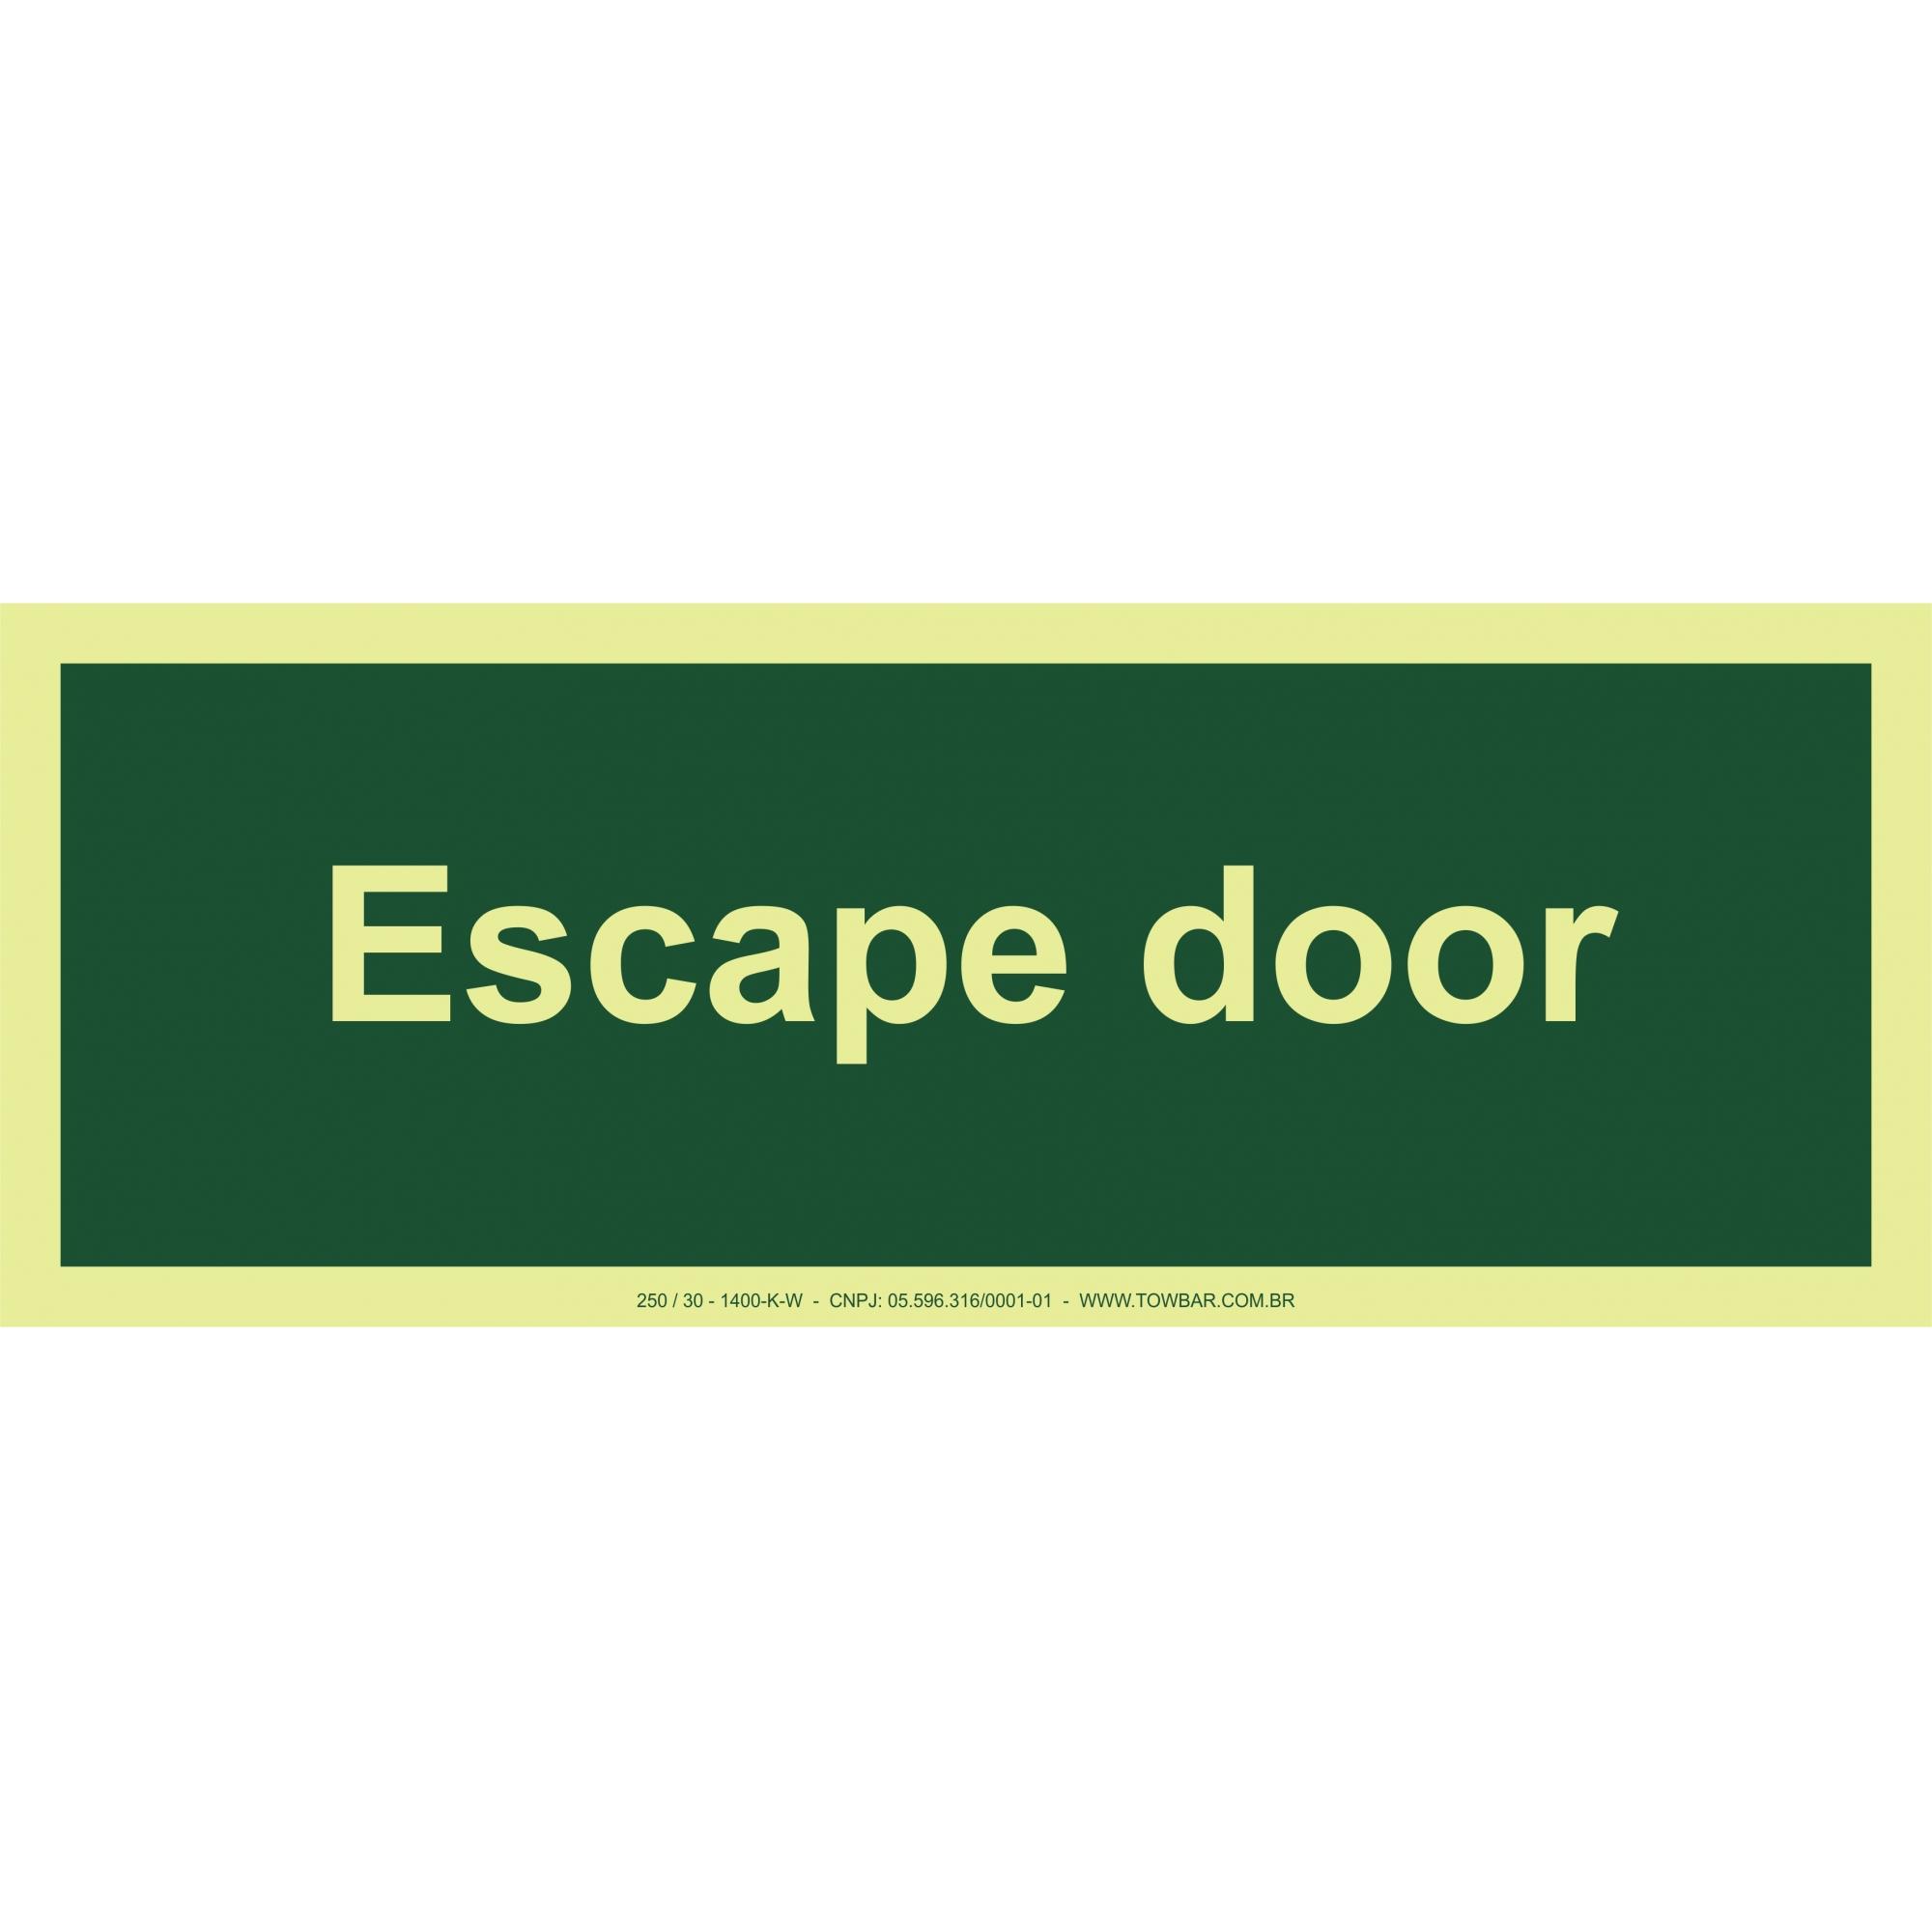 Escape Door  - Towbar Sinalização de Segurança